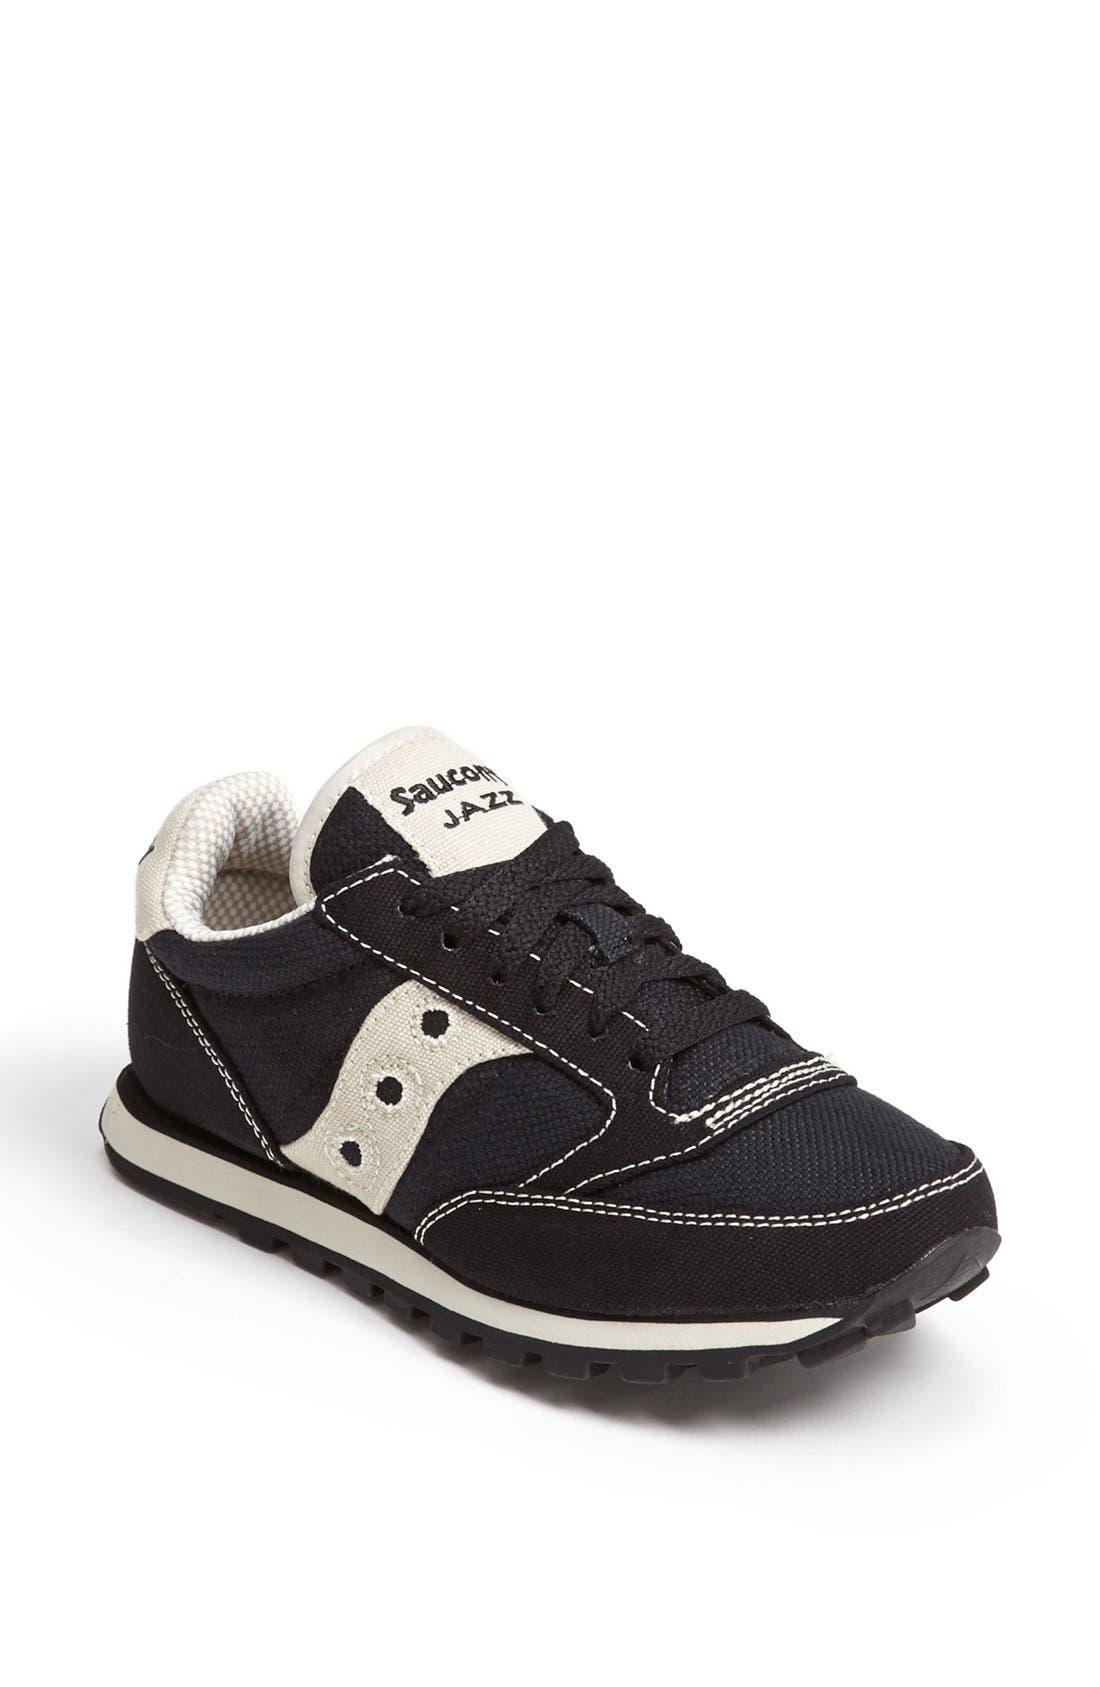 Saucony 'Jazz - Low Pro Vegan' Sneaker